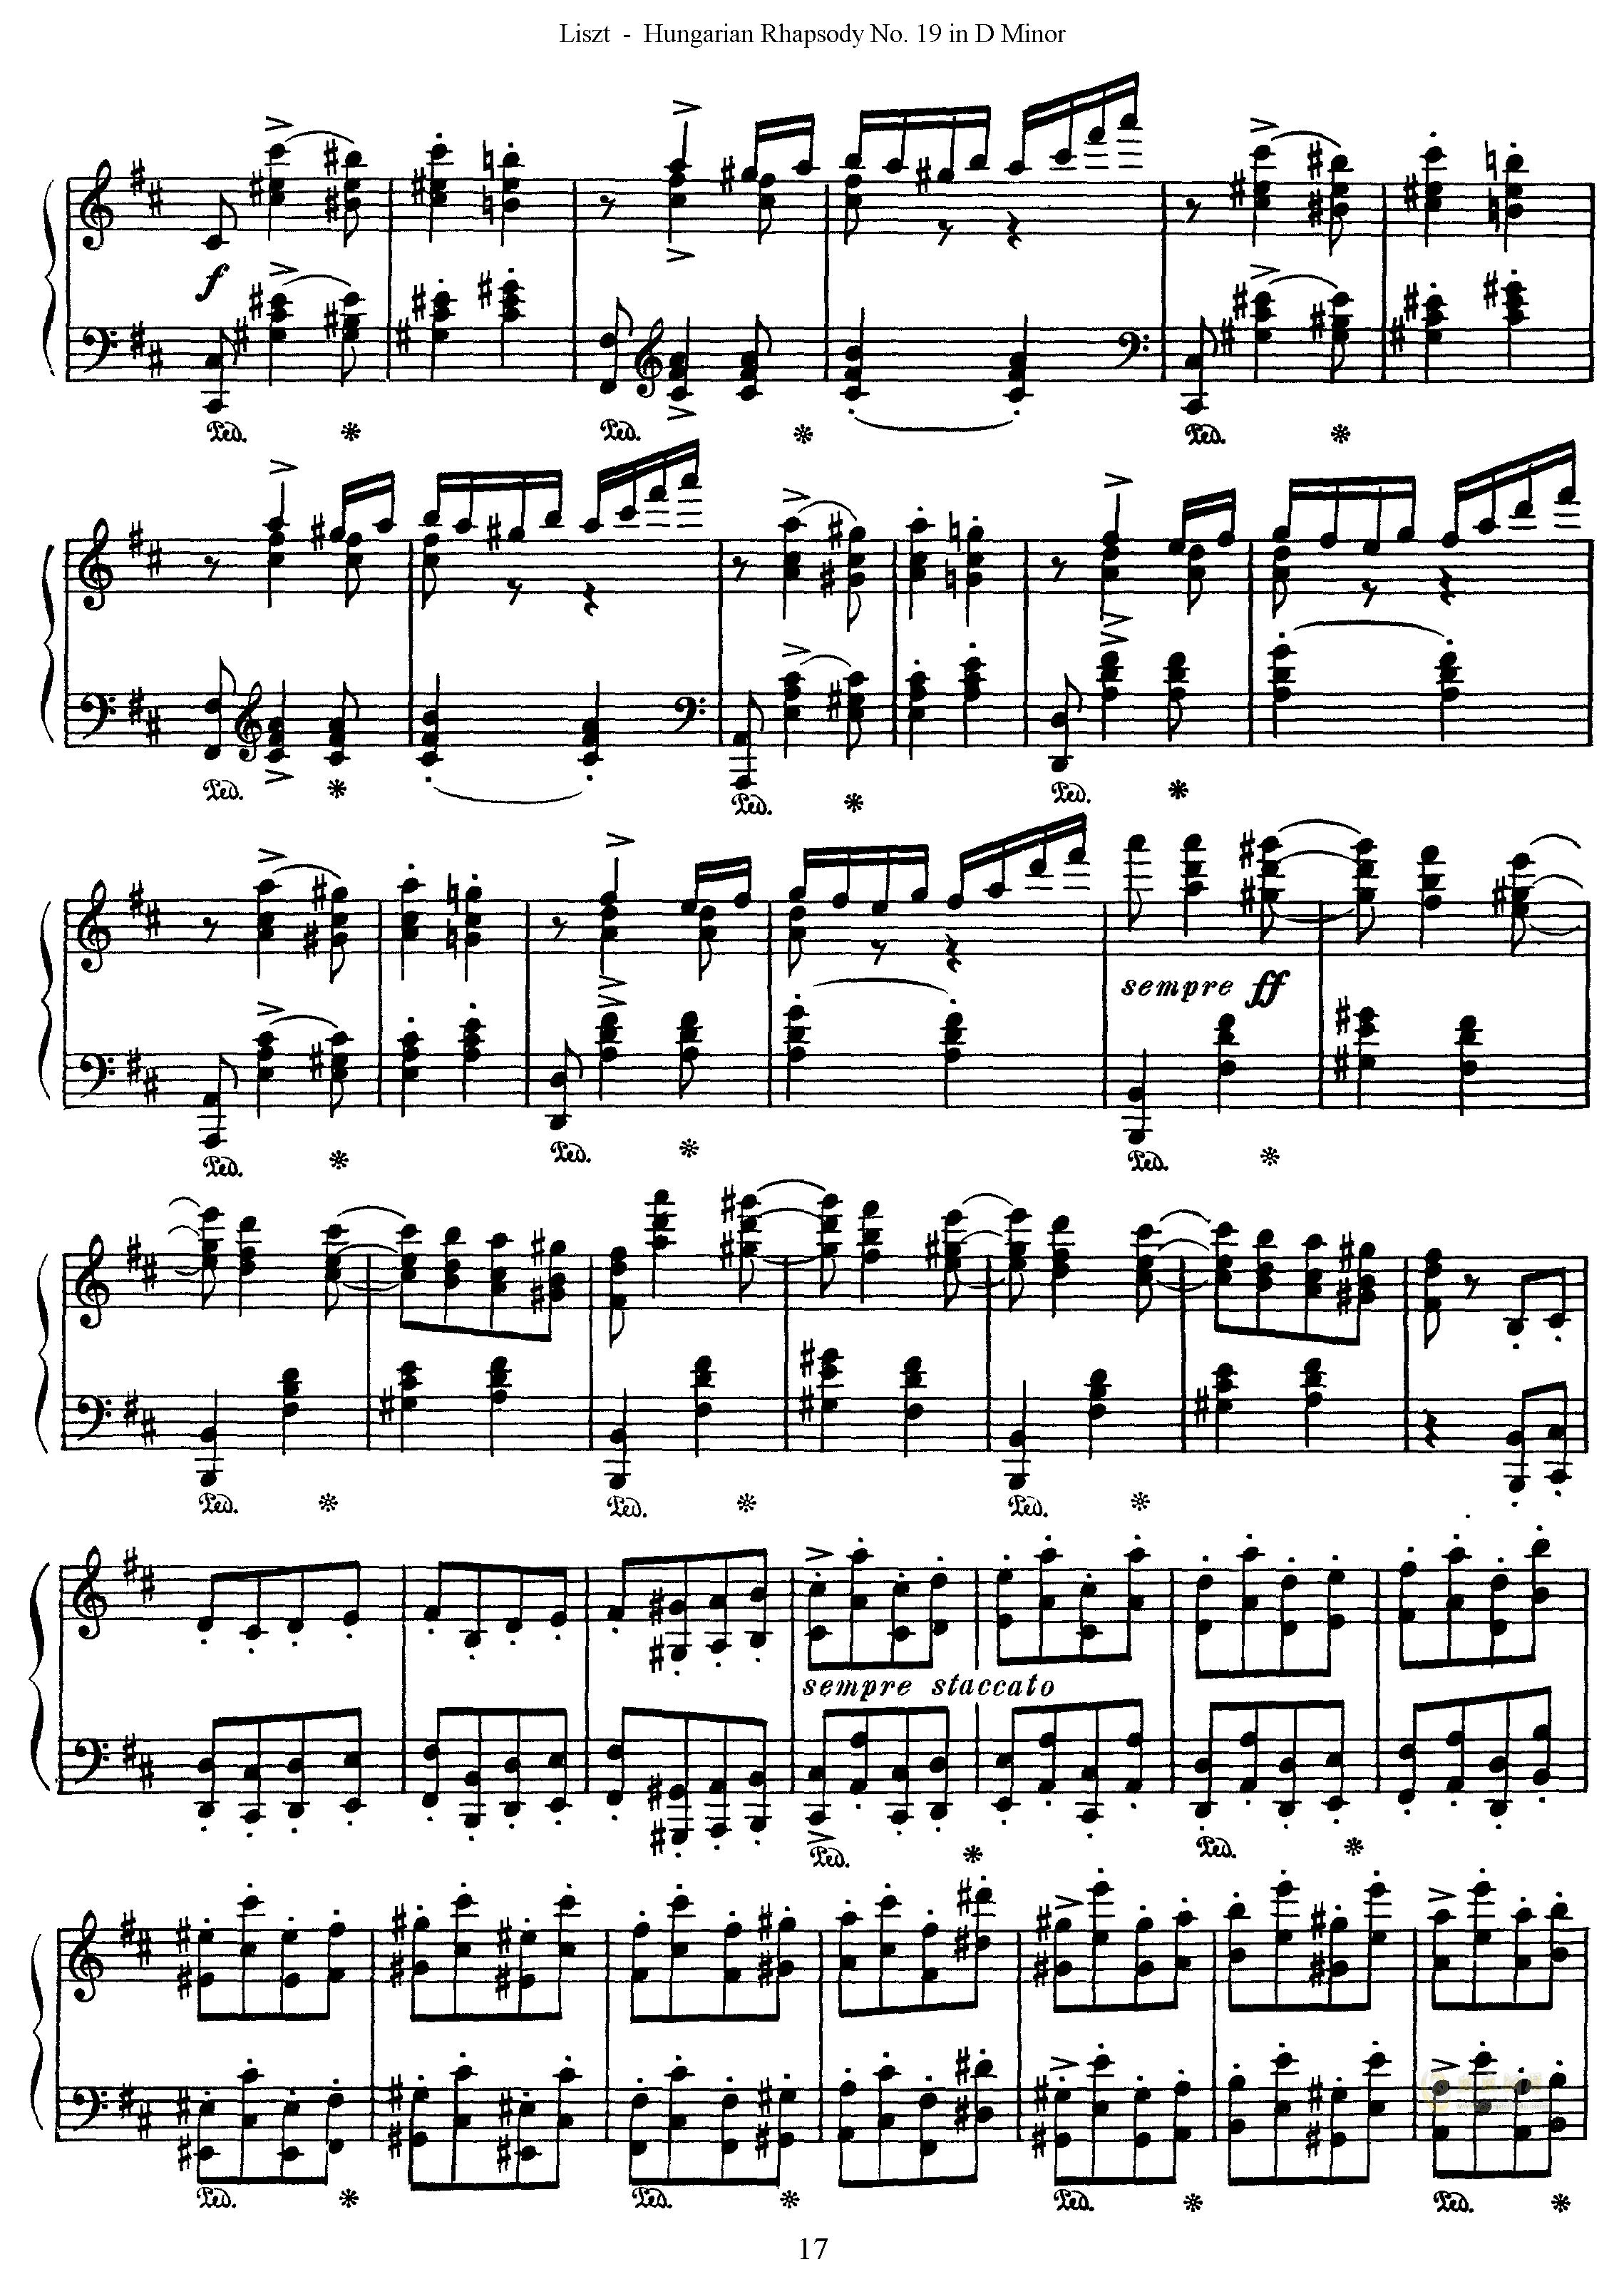 匈牙利狂想曲第19号钢琴谱 第17页